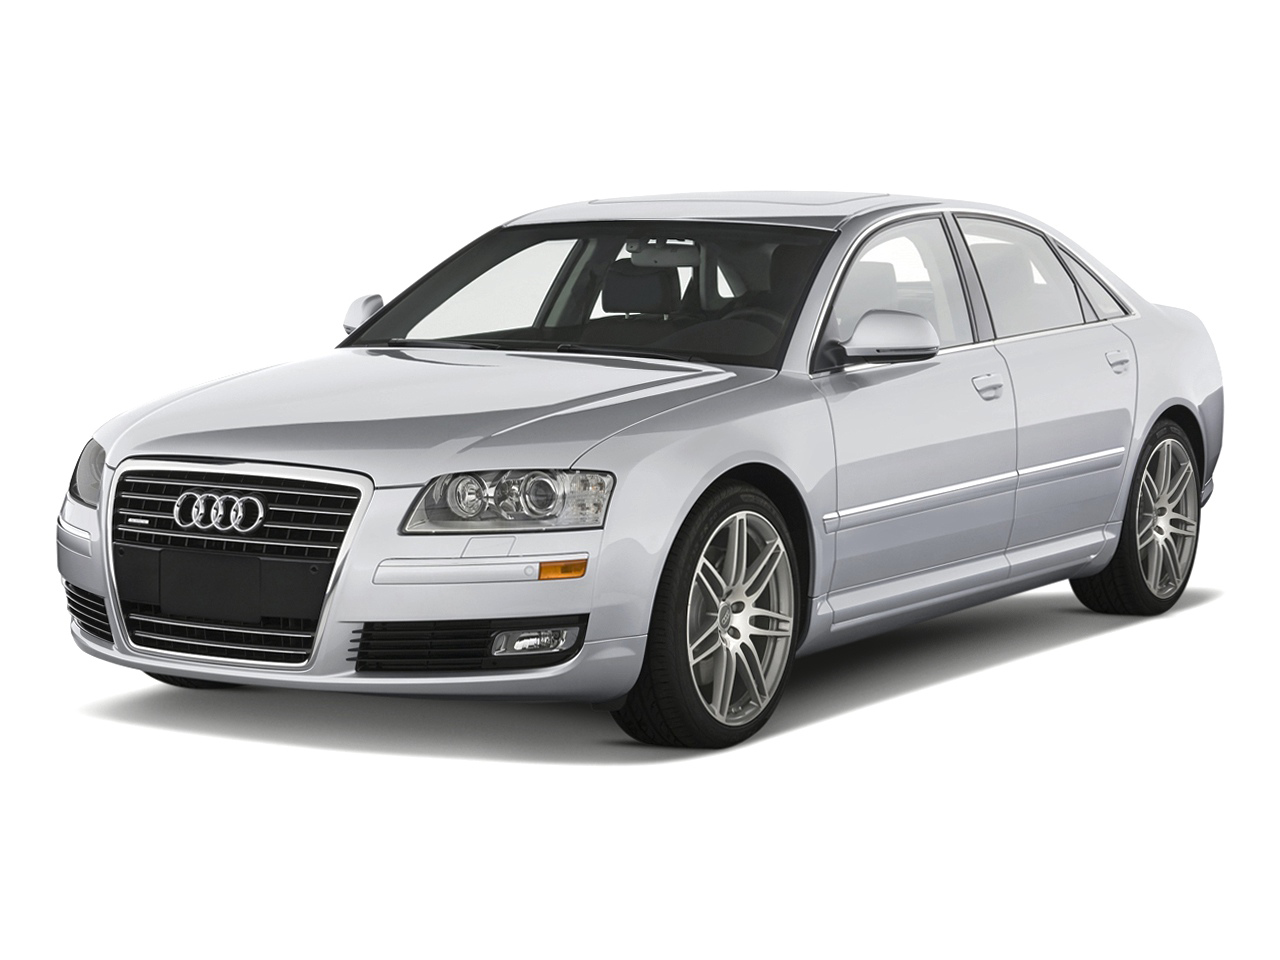 Kelebihan Kekurangan Audi 2010 Tangguh